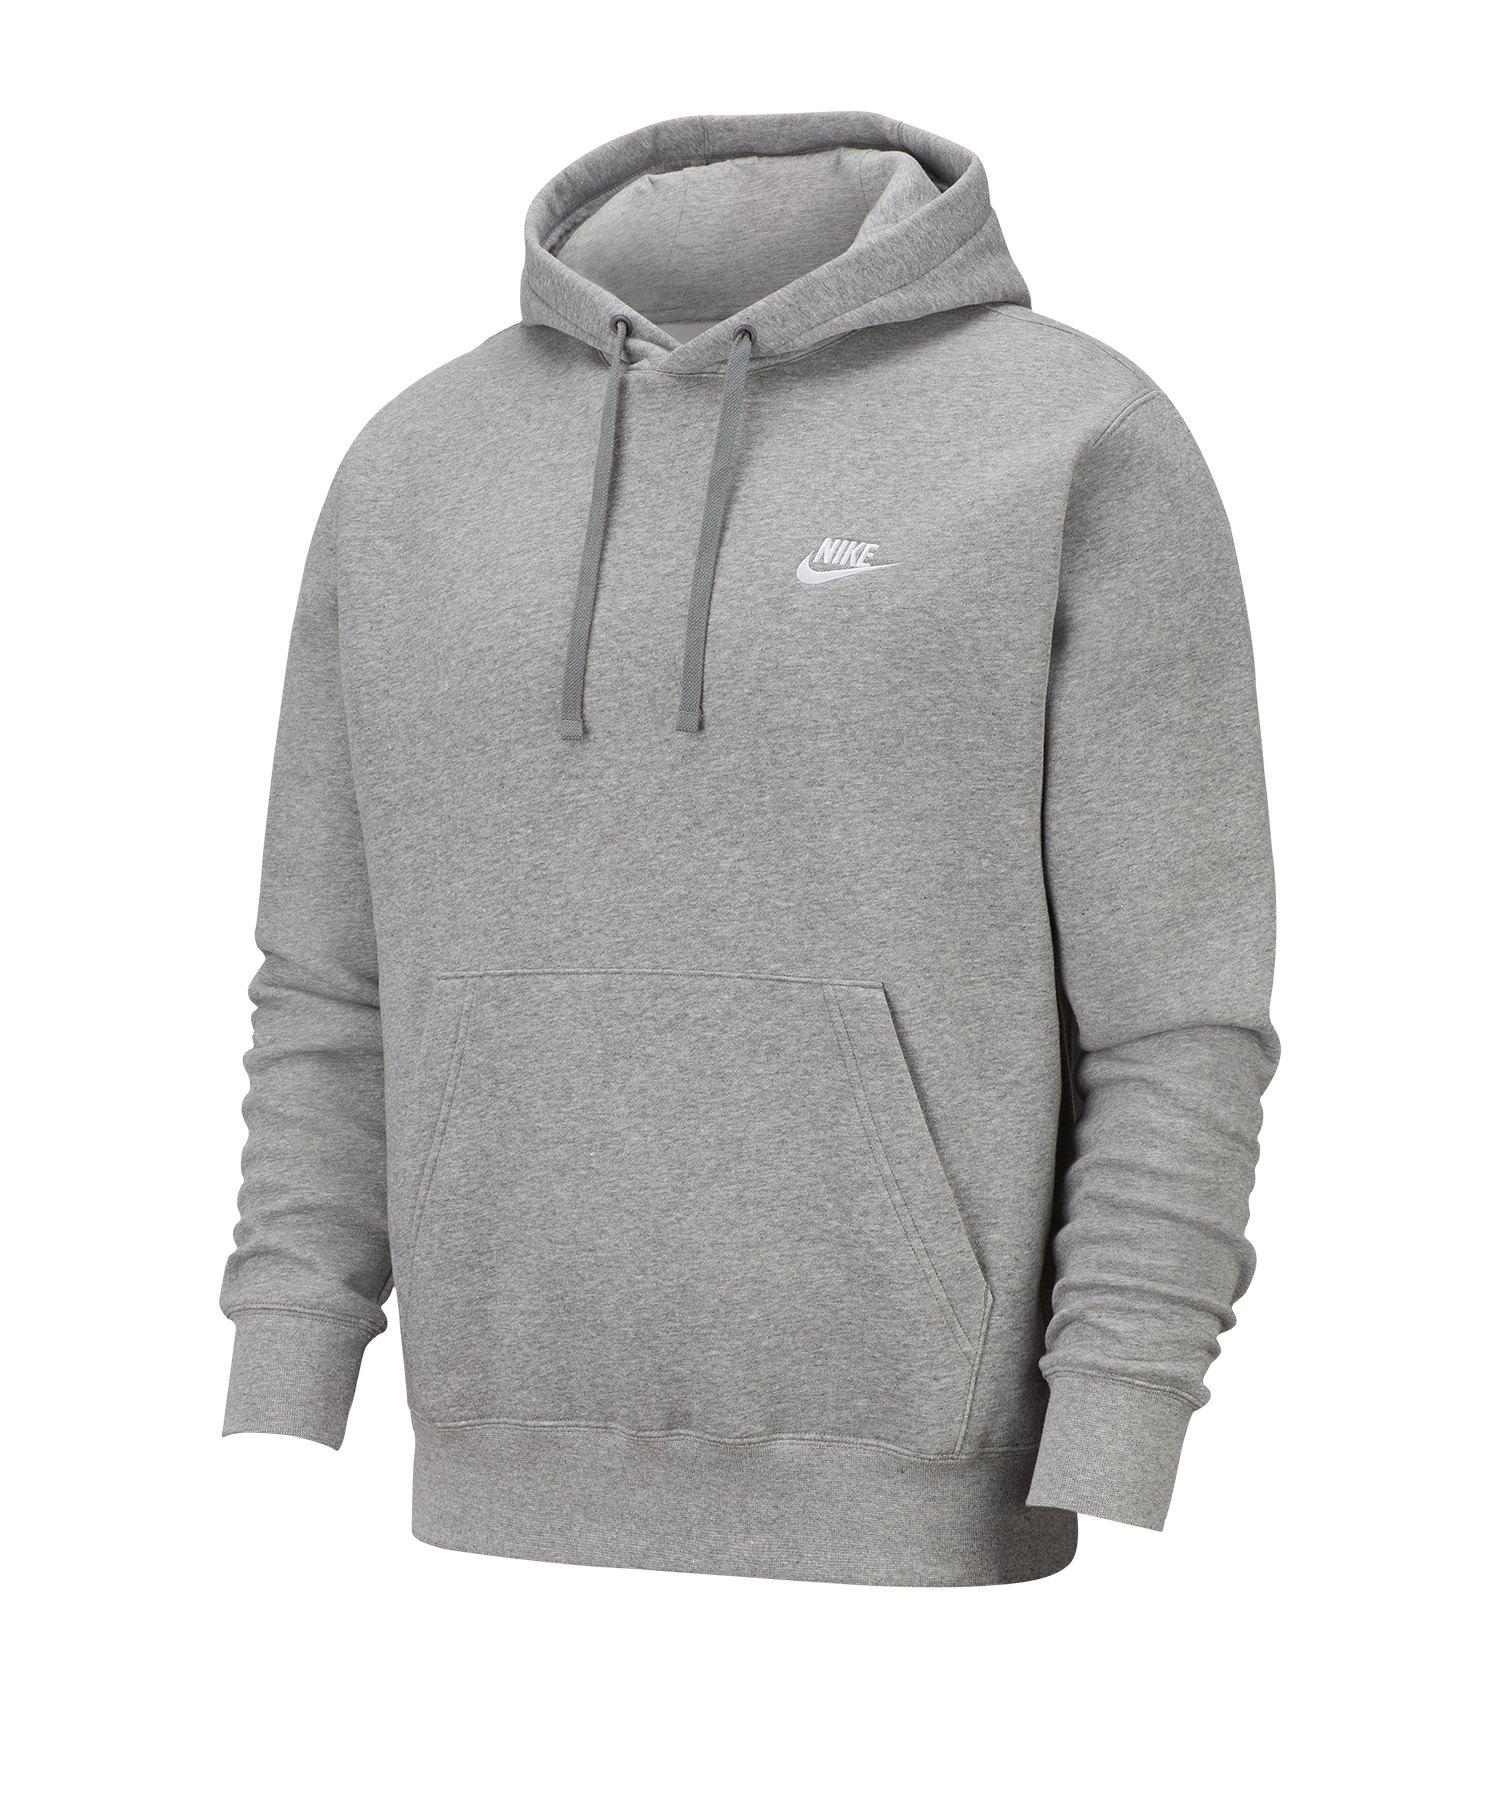 Nike Club Fleece Hoody Grau F063 - grau